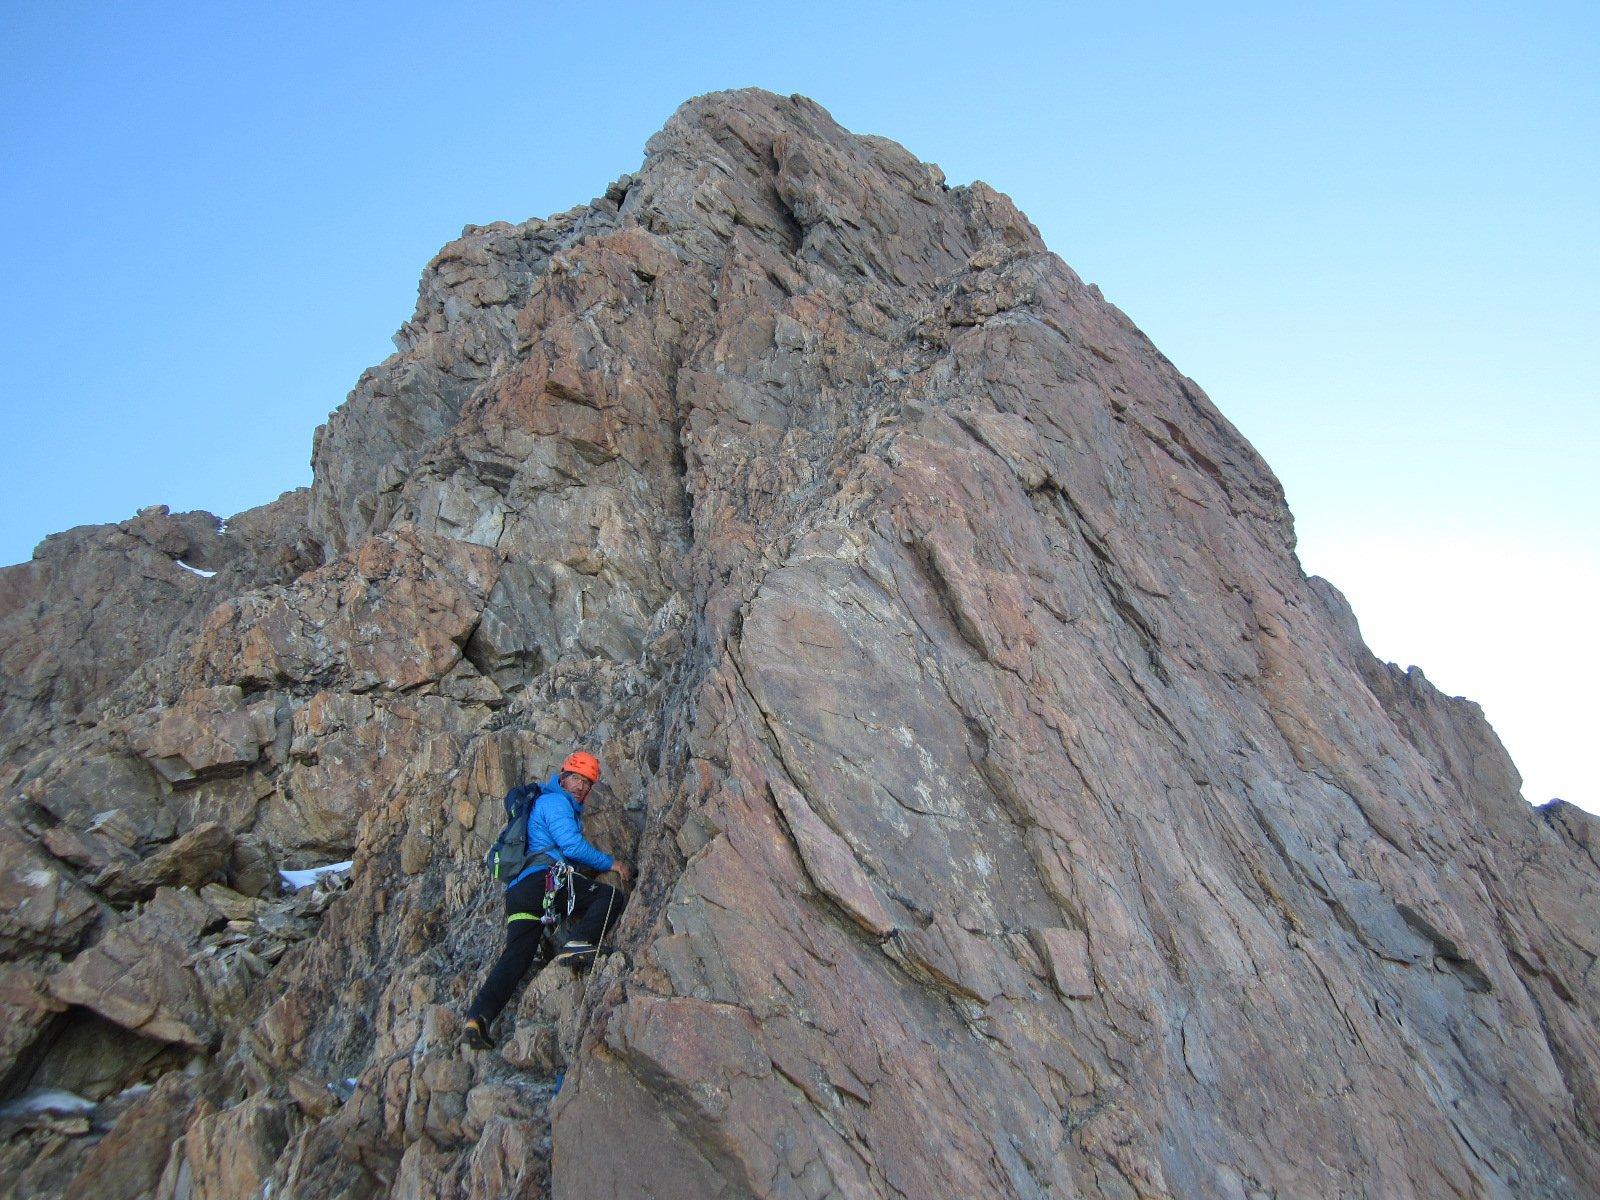 …la bella cresta…ottima roccia...